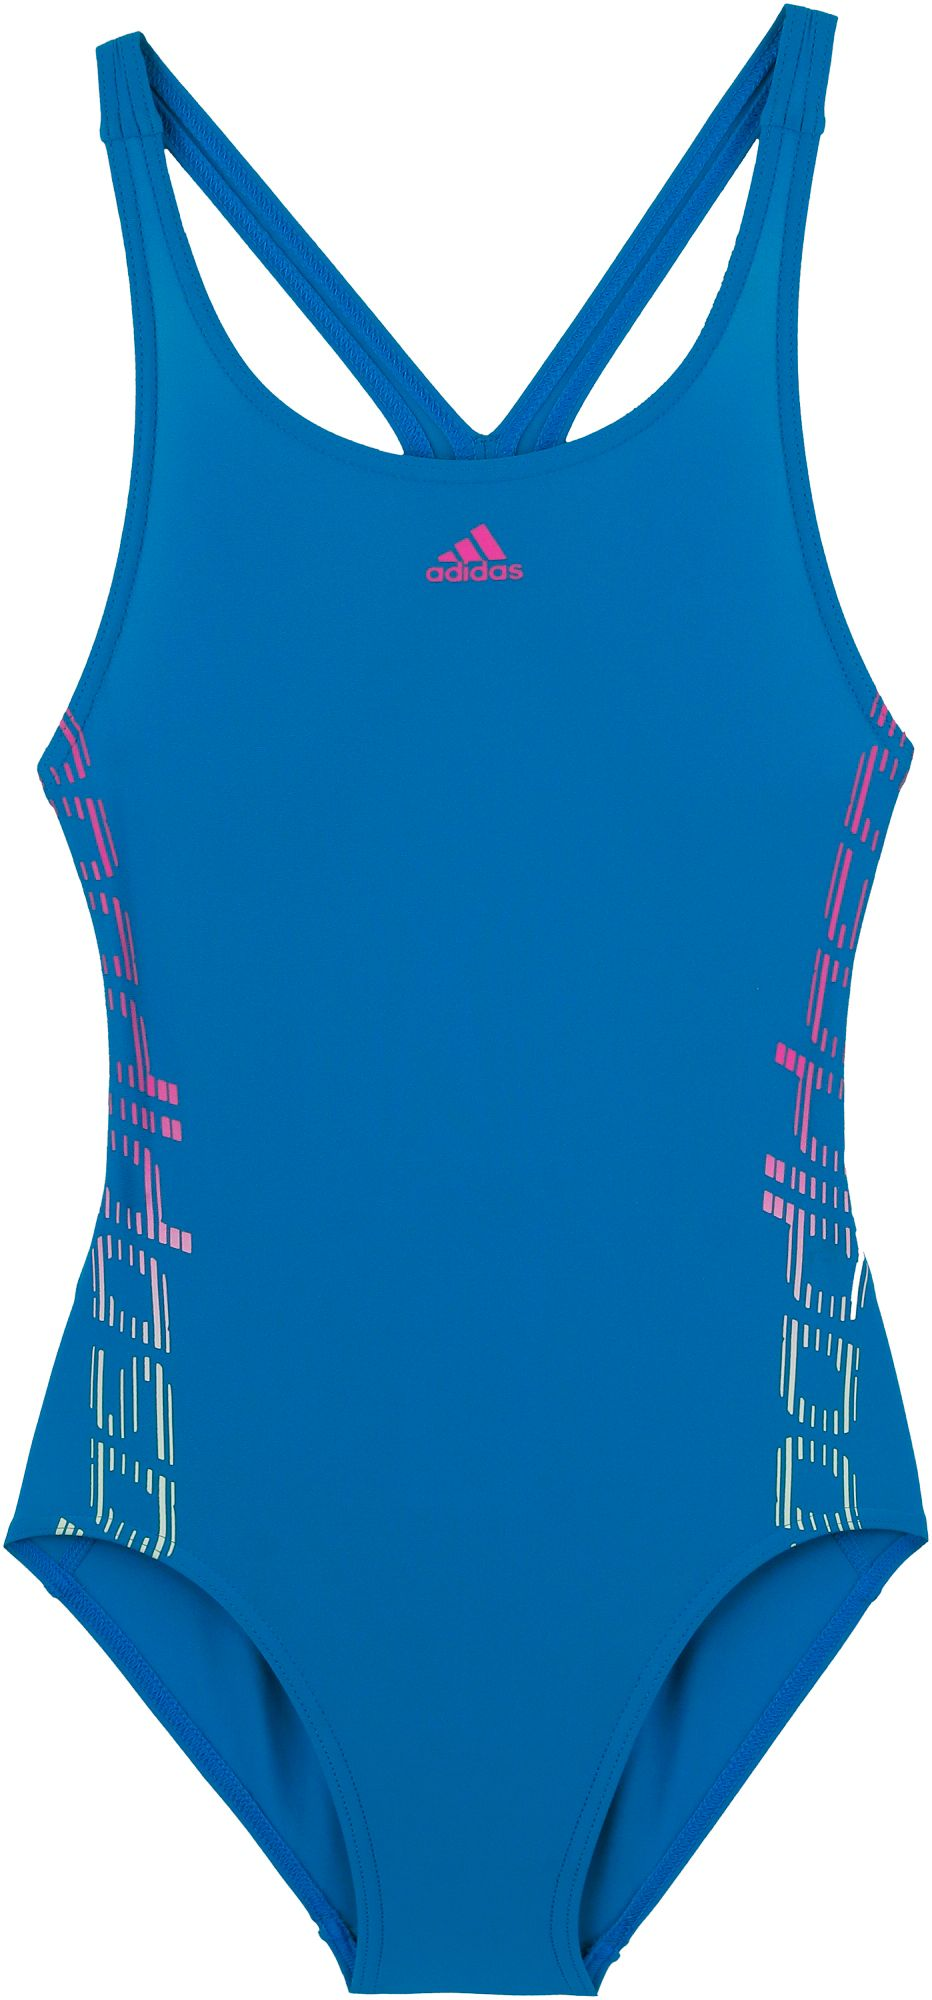 Adidas Badeanzug Mädchen in blau, Größe 116